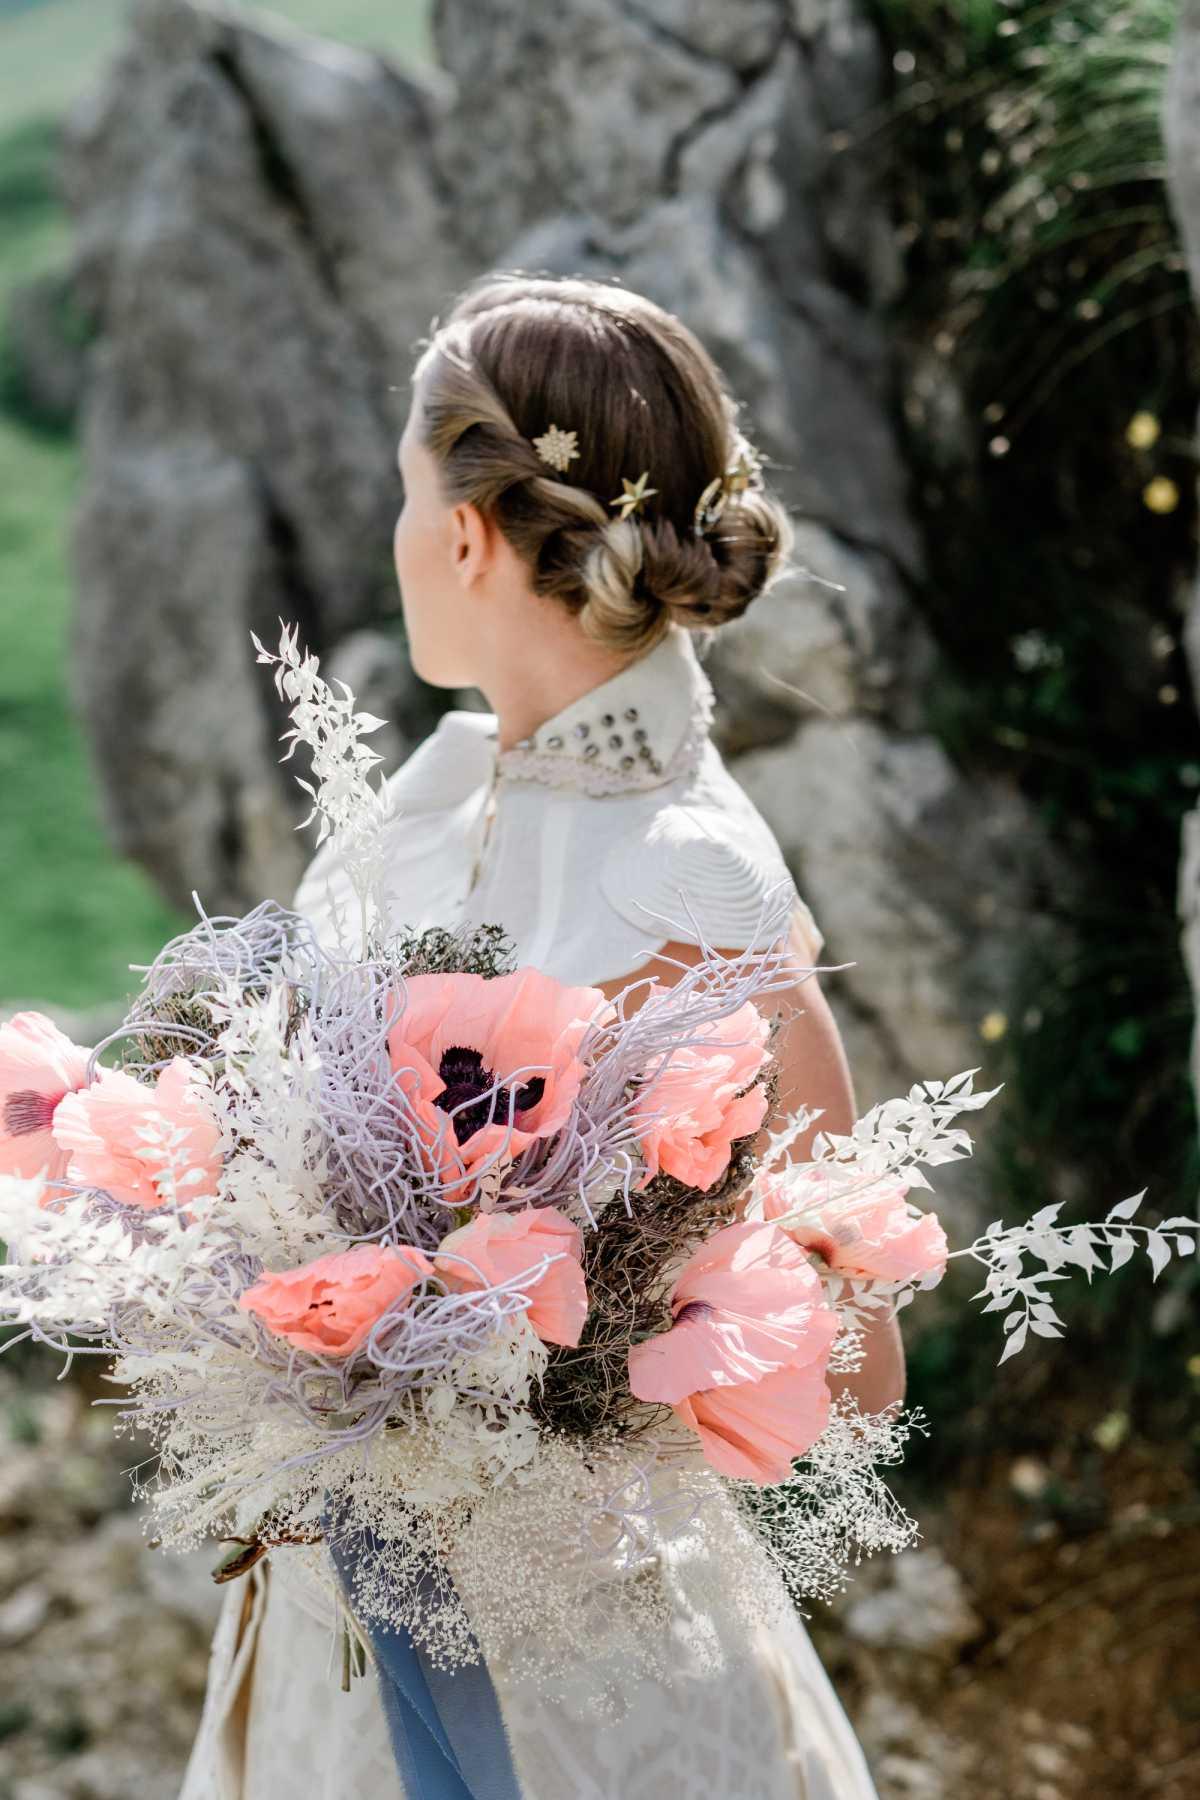 Dettaglio di acconciatura sposa con fermacapelli a stelle